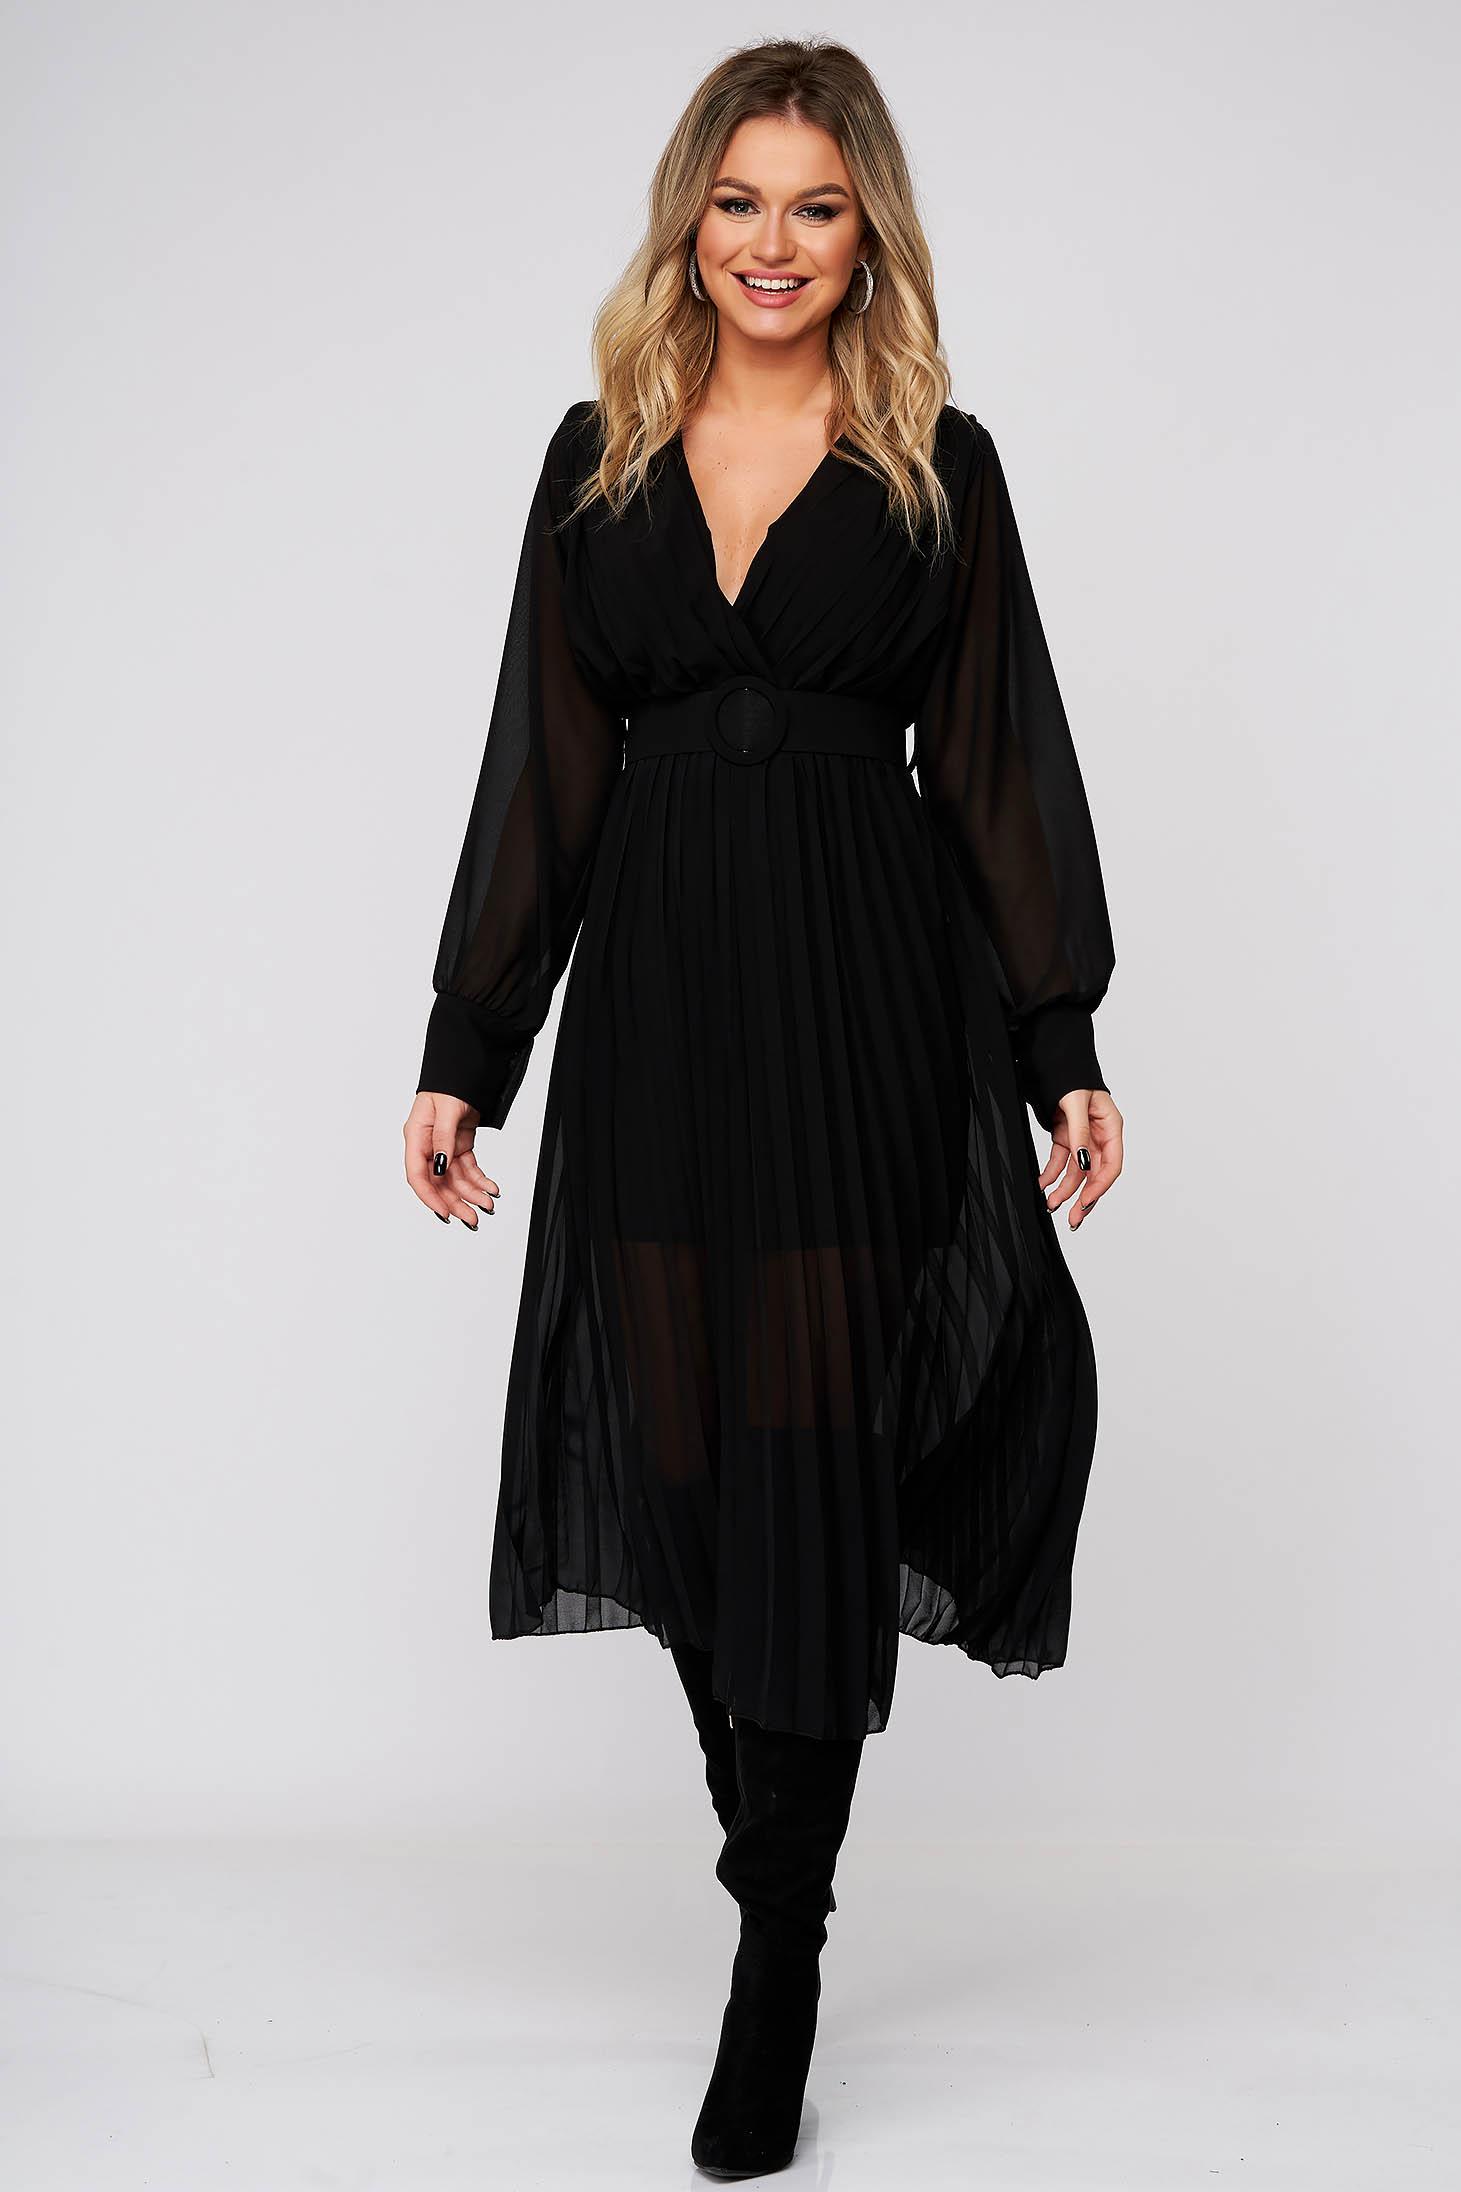 Fekete elegáns midi ruha rakott, pliszírozott muszlinból harang alakú szoknyával gumirozott derékrésszel